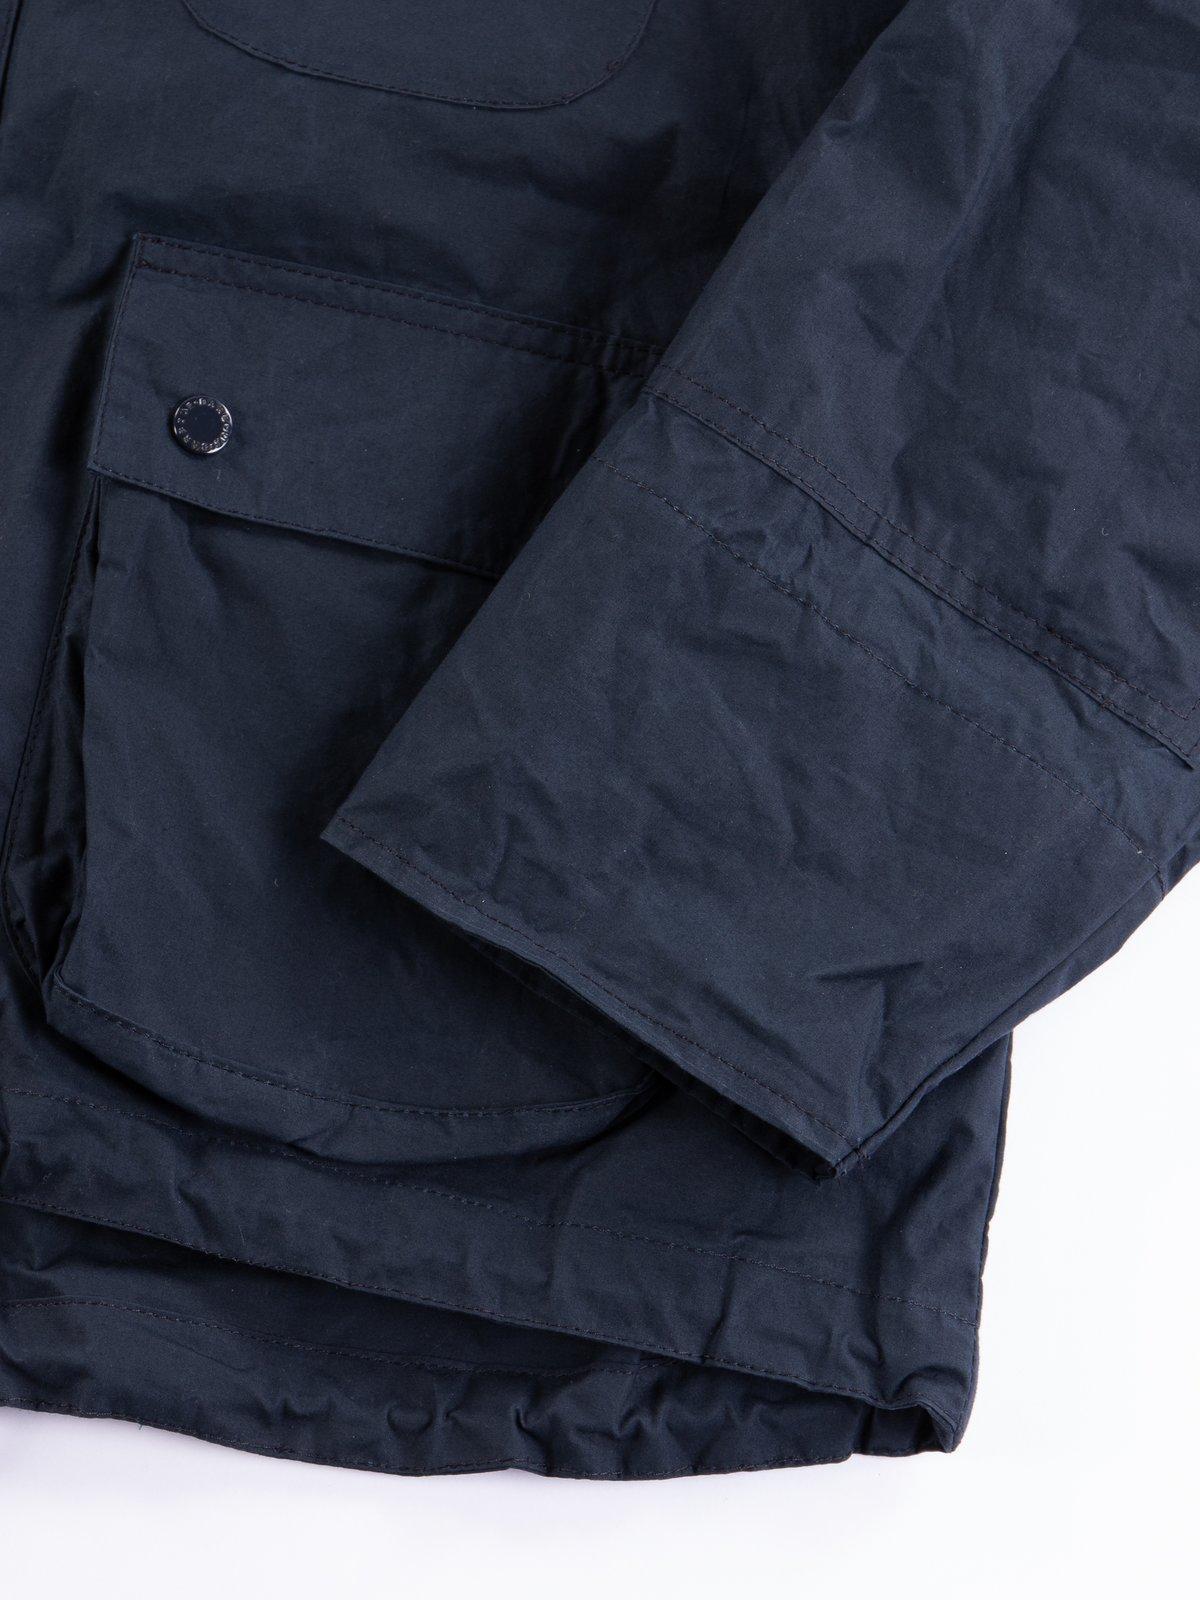 Navy Thompson Jacket - Image 4